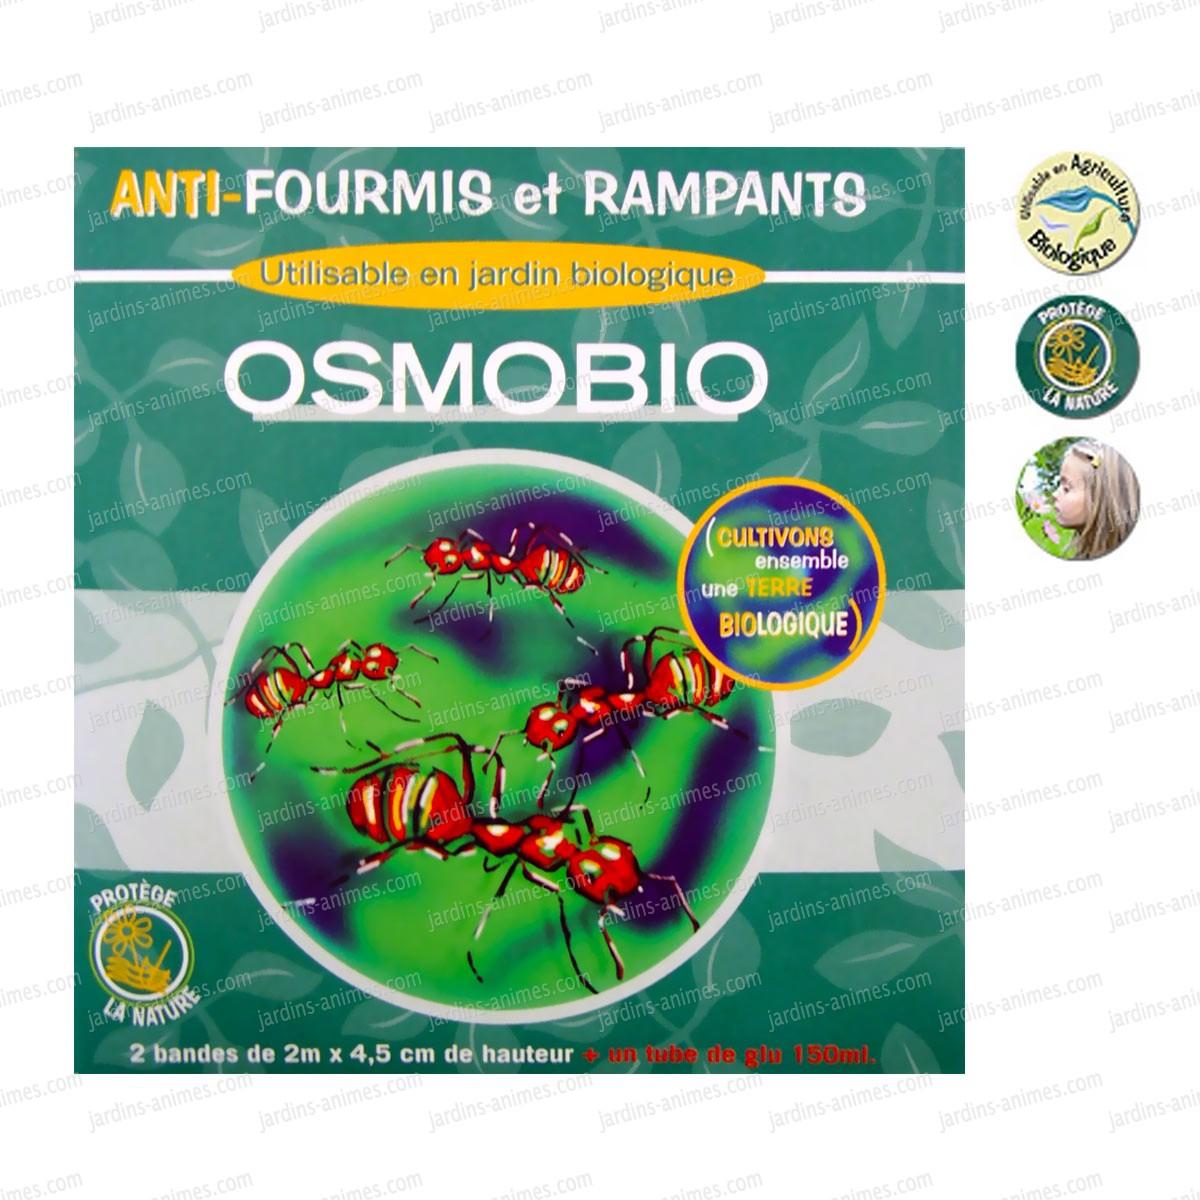 collier arboricole anti fourmis et rampants lot de 2 boites traitement anti insectes et souris. Black Bedroom Furniture Sets. Home Design Ideas